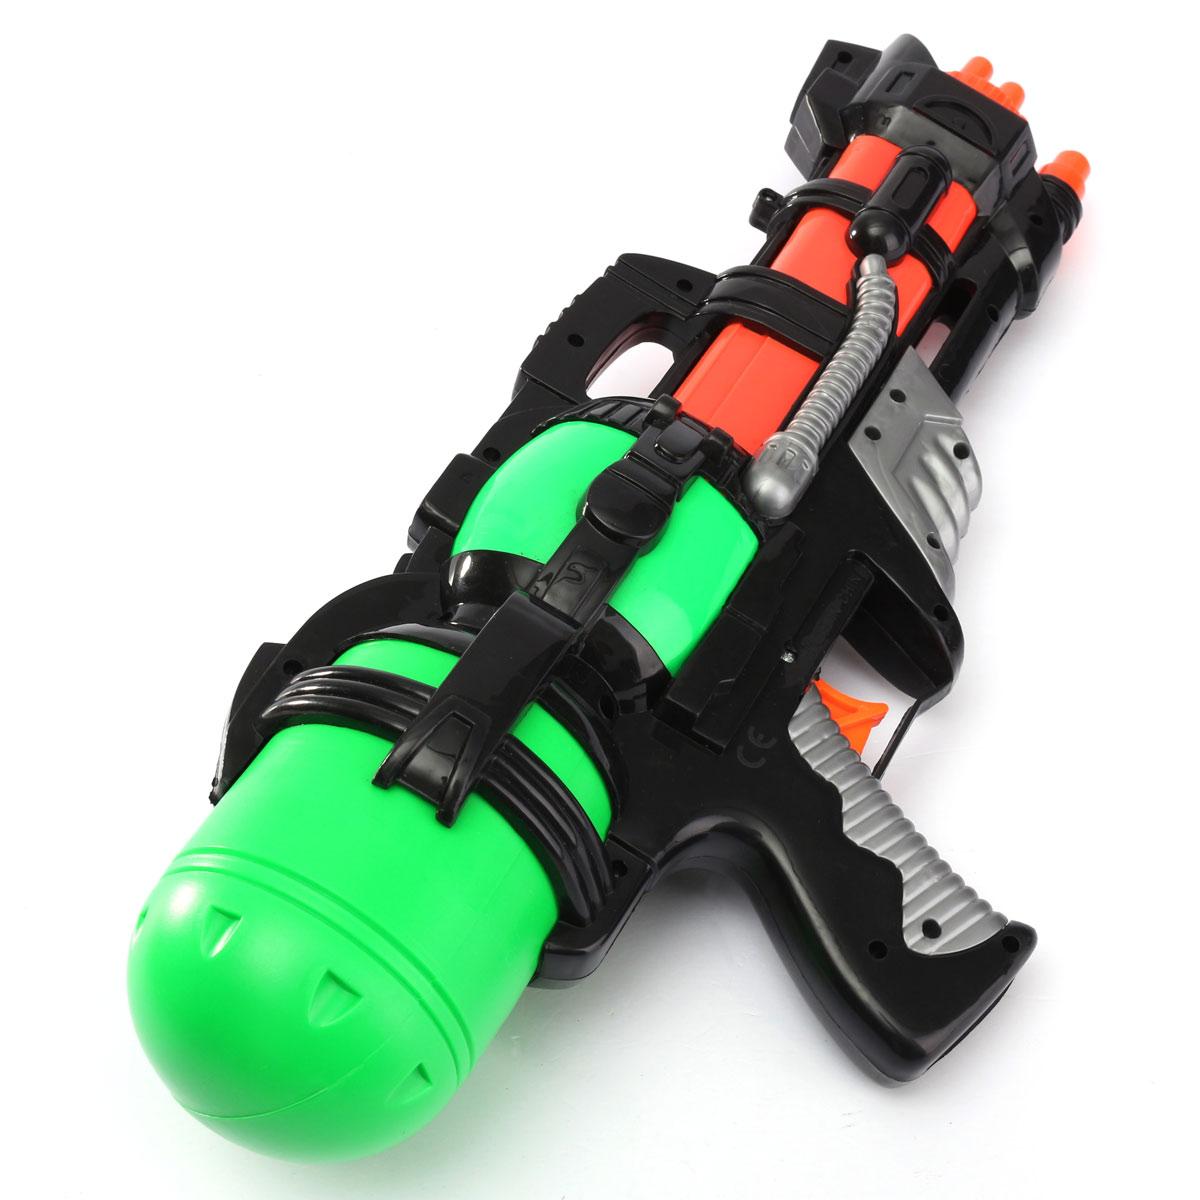 pistolet eau jouet promotion achetez des pistolet eau jouet promotionnels sur. Black Bedroom Furniture Sets. Home Design Ideas